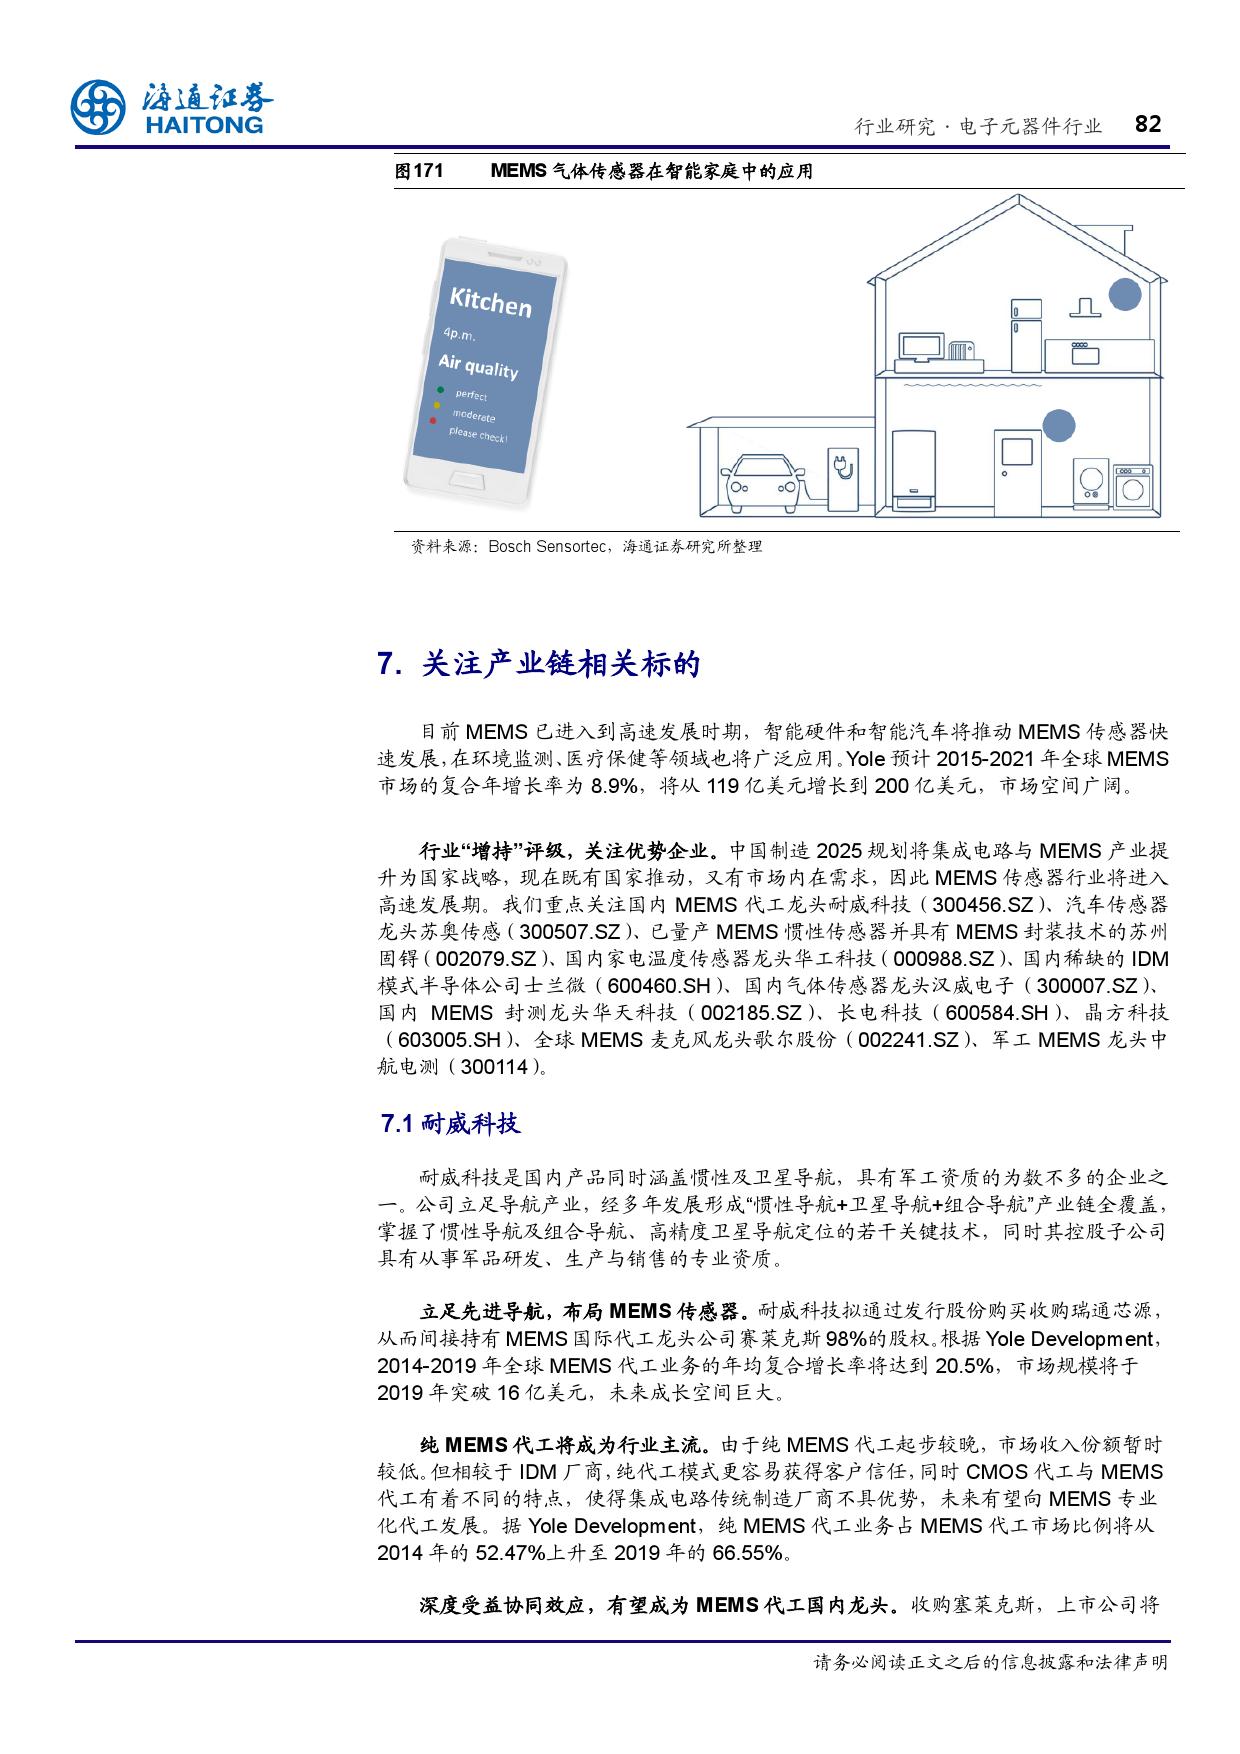 报告全解传感器全球产业链_000082